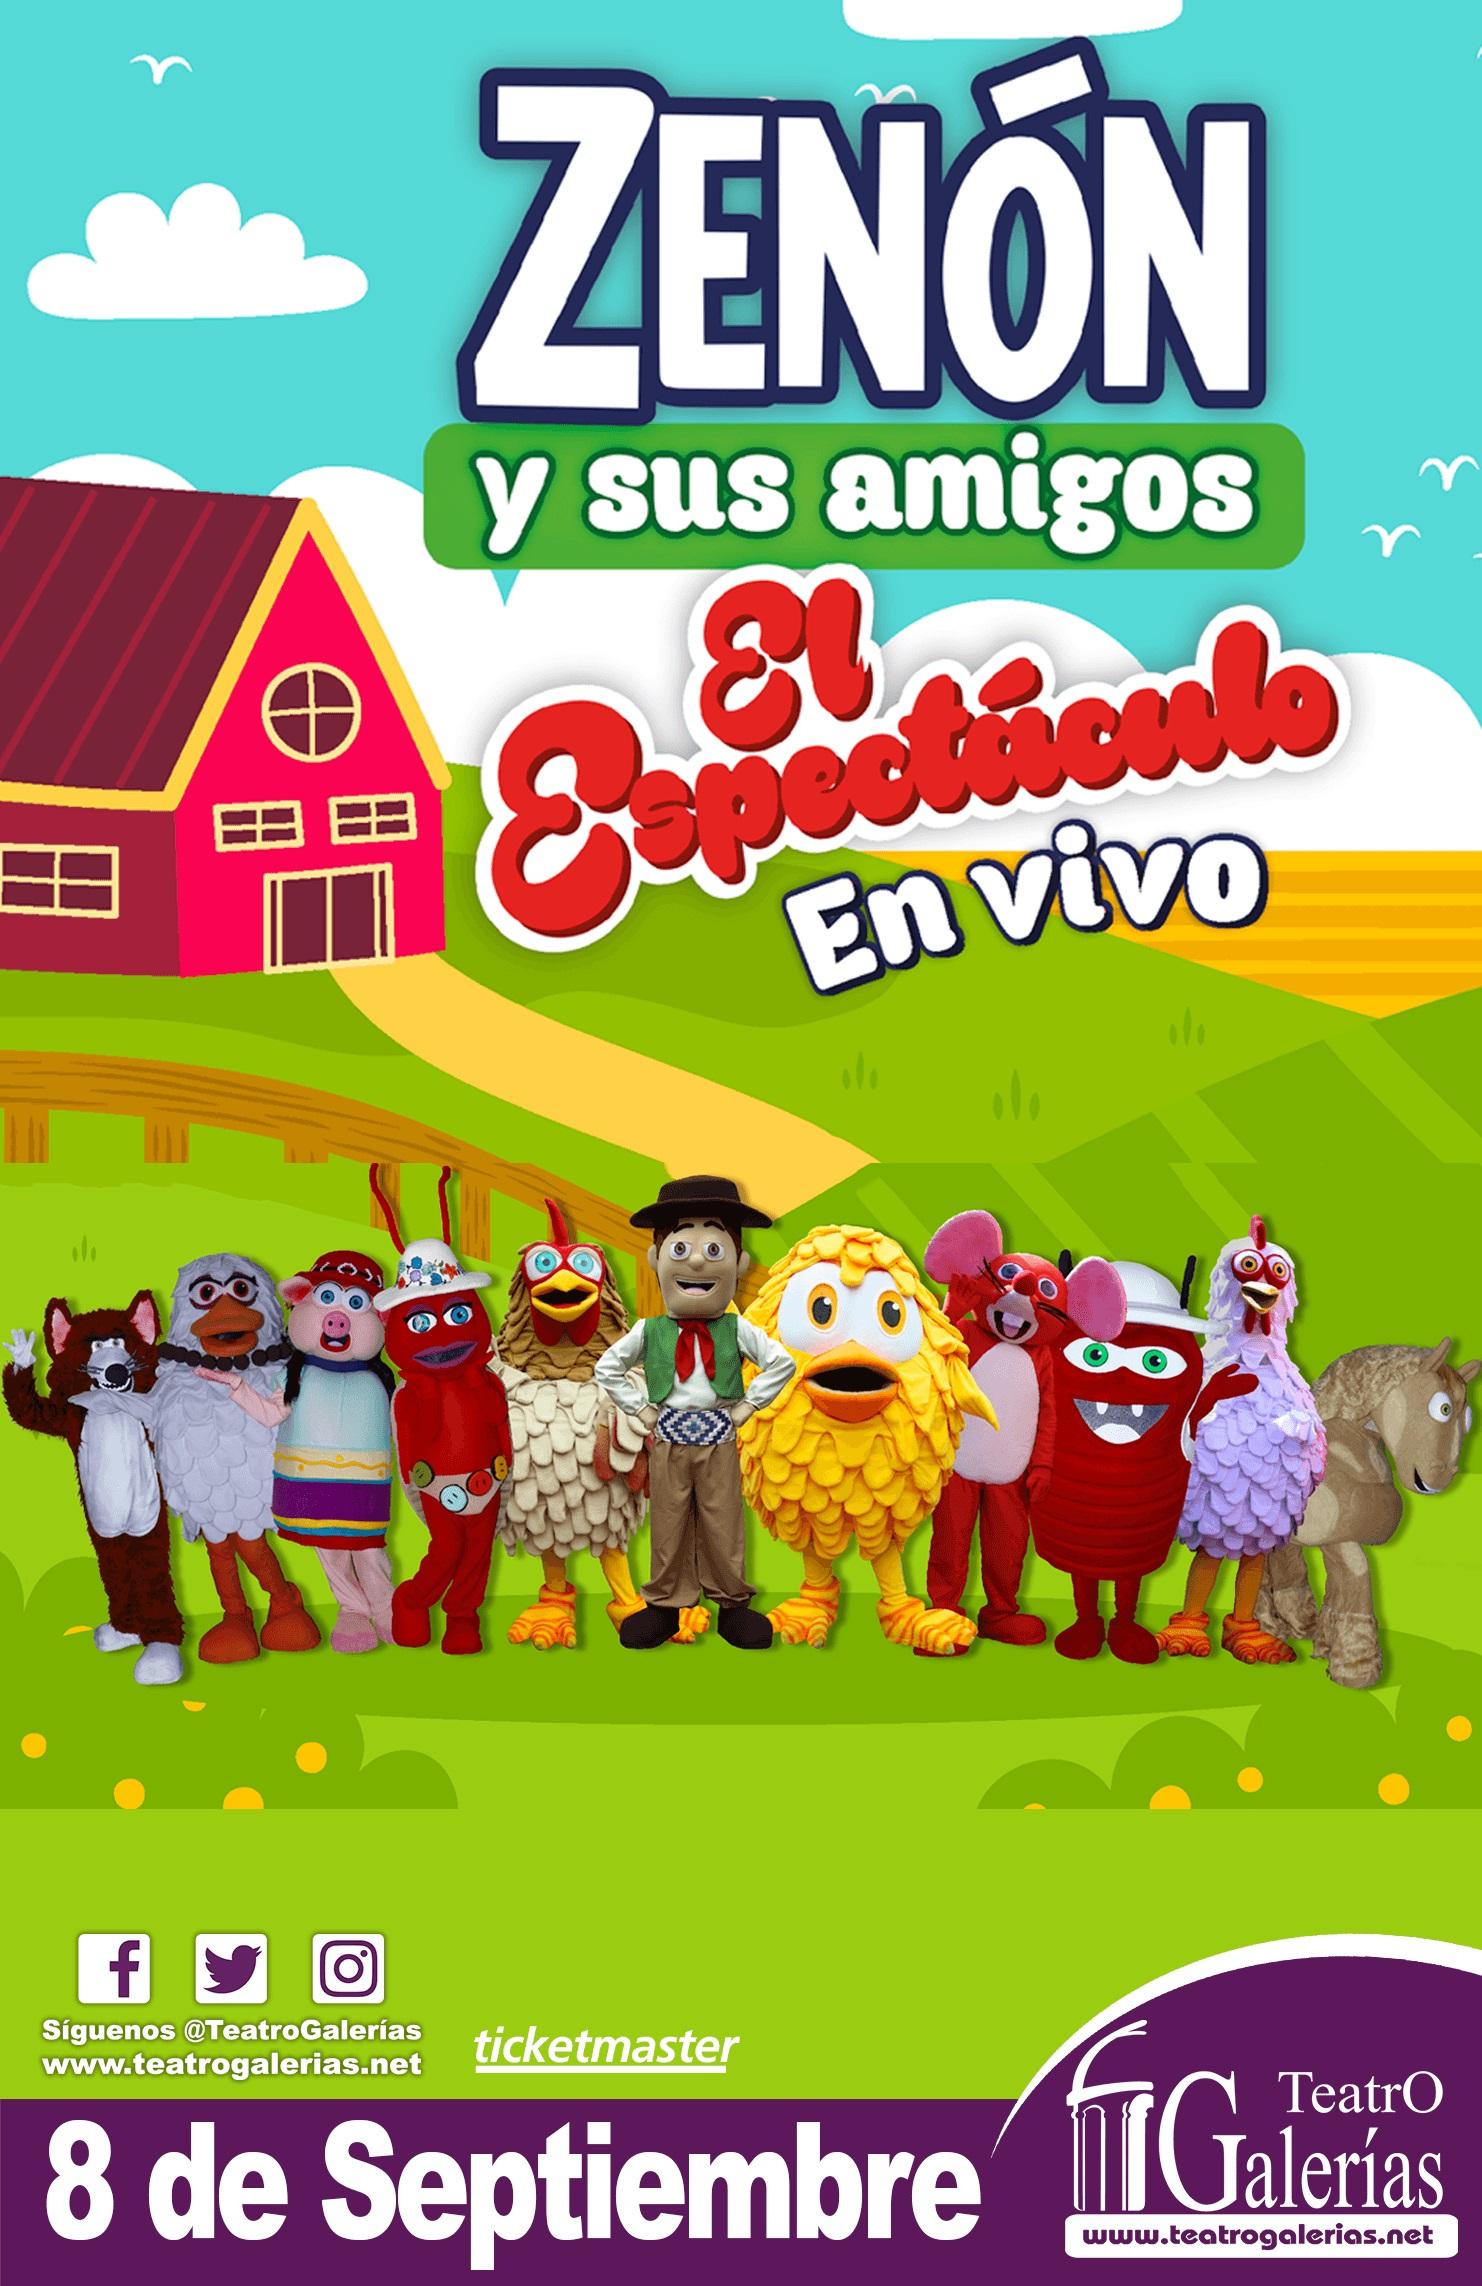 #CORTESÍAS #DateAlaFuga / Zenón y sus amigos